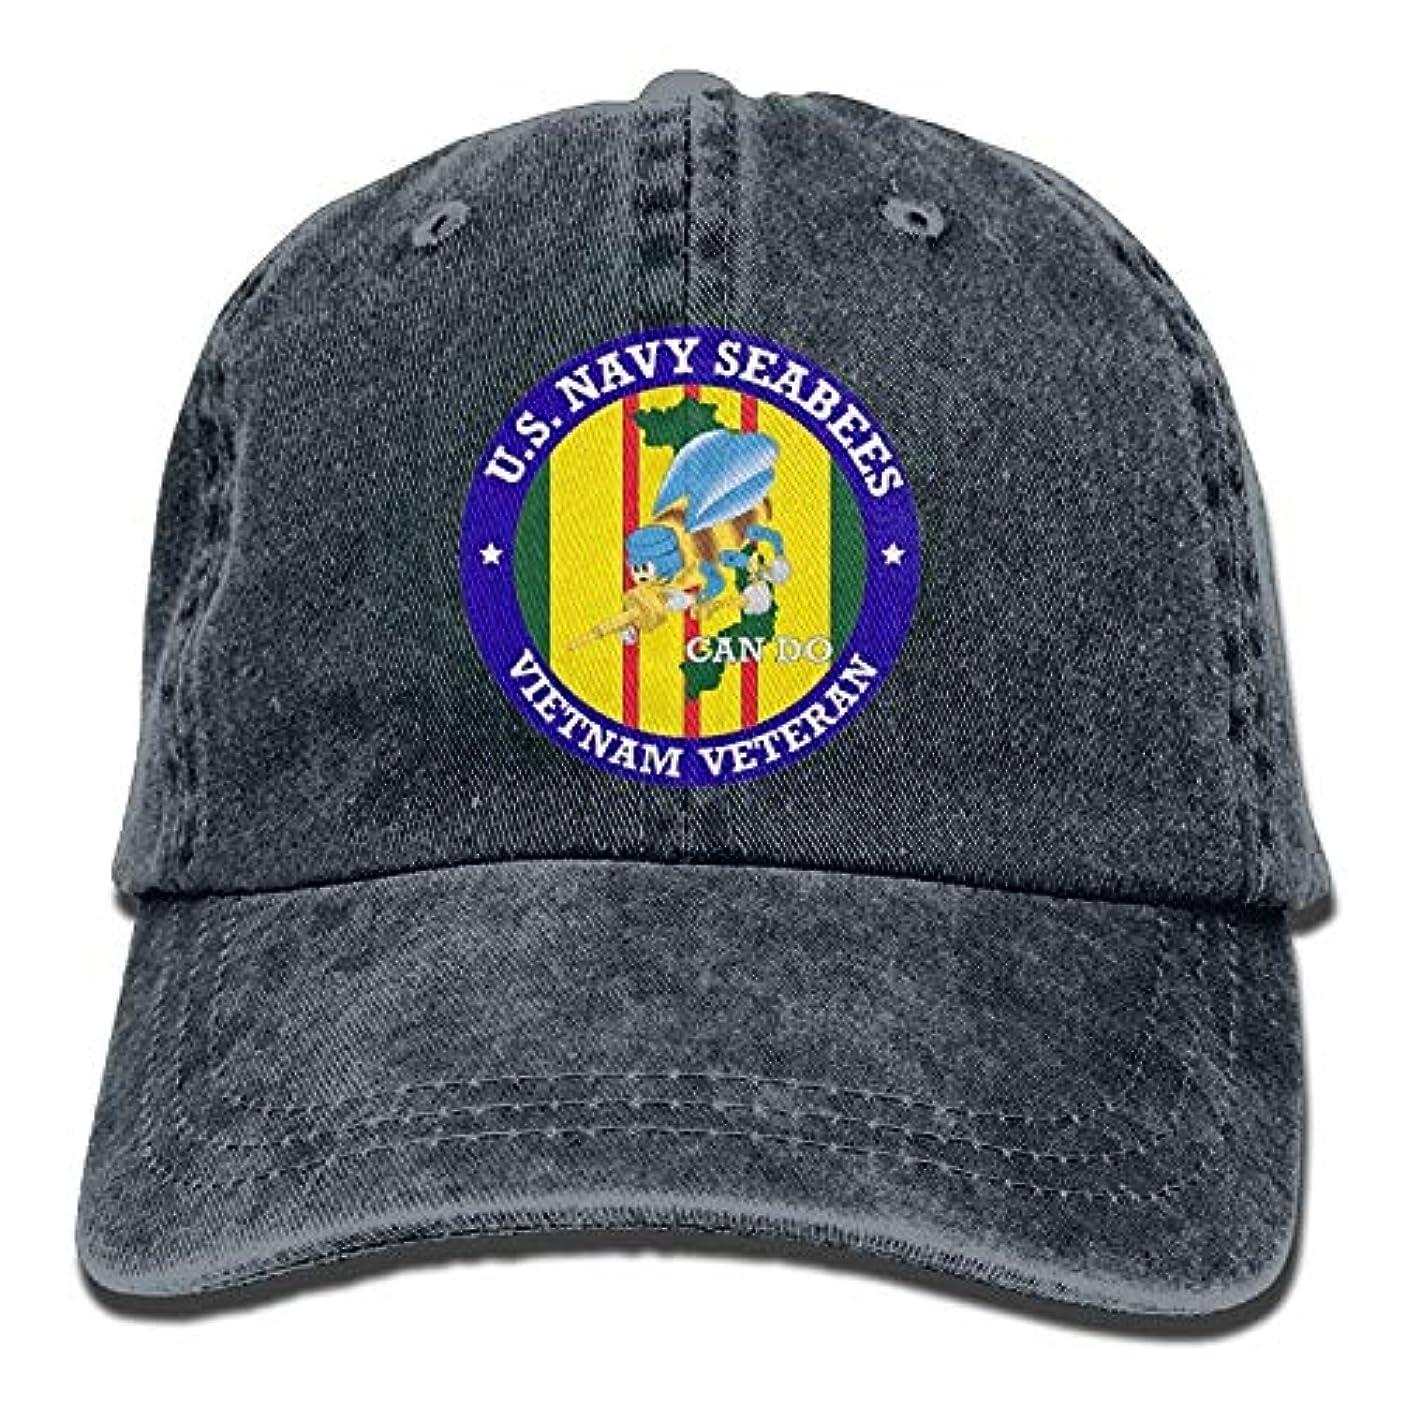 ピアノ集中チャットドアマット ビキニ 米国 ネイビー シービー ベトナム 退役軍人 調節可能 野球帽 デニムハット カウボーイ スポーツ アウトドア